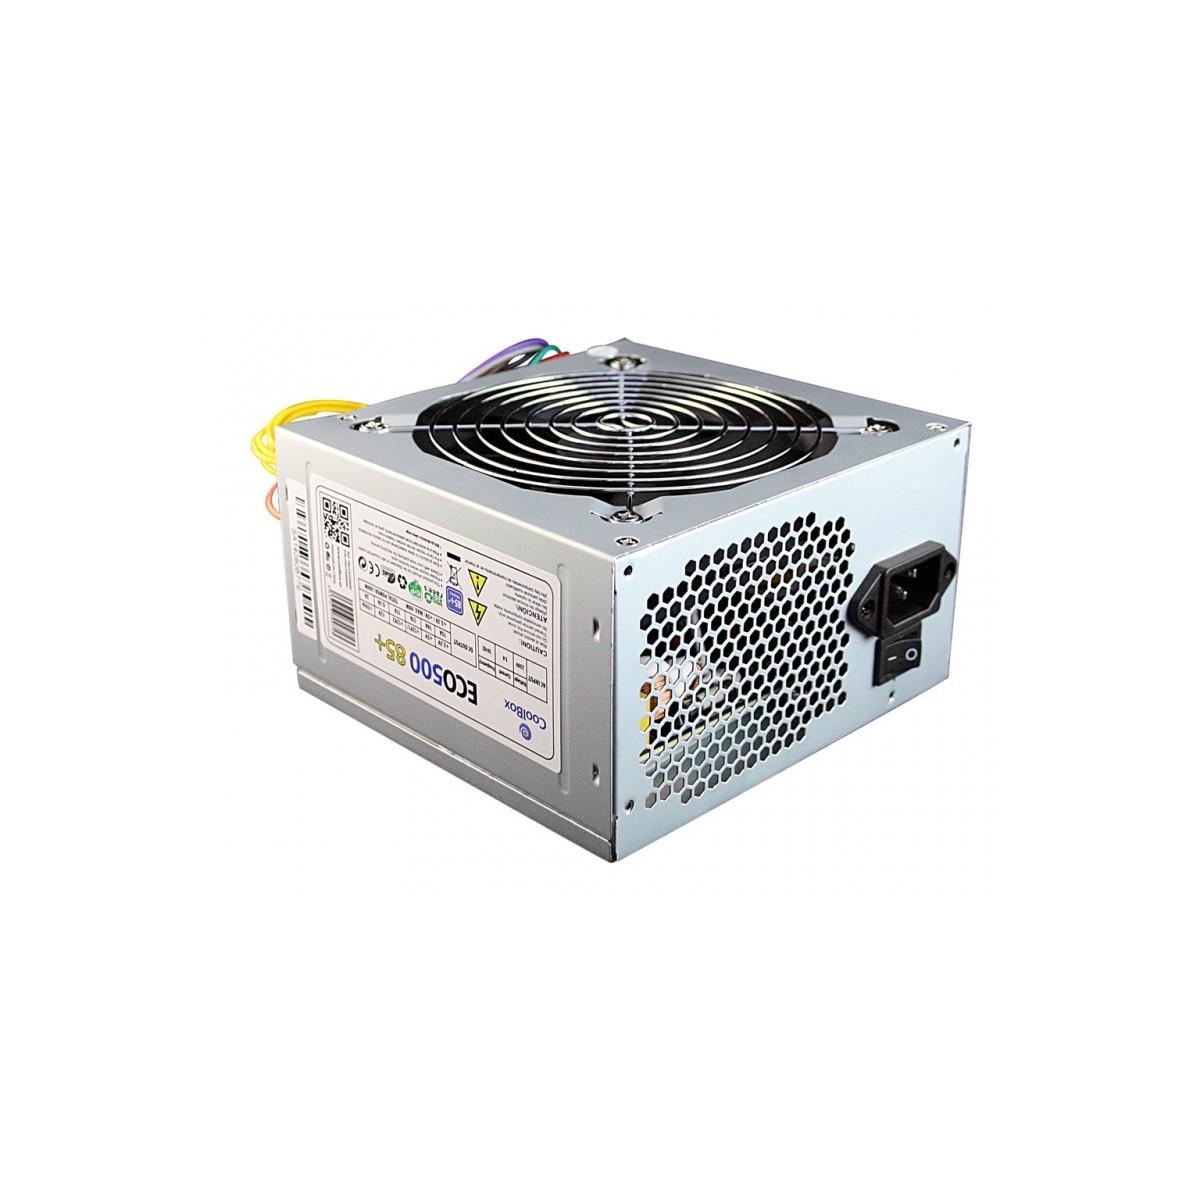 CoolBox ECO500 85+ unidad de fuente de alimentación 300 W ATX Gris